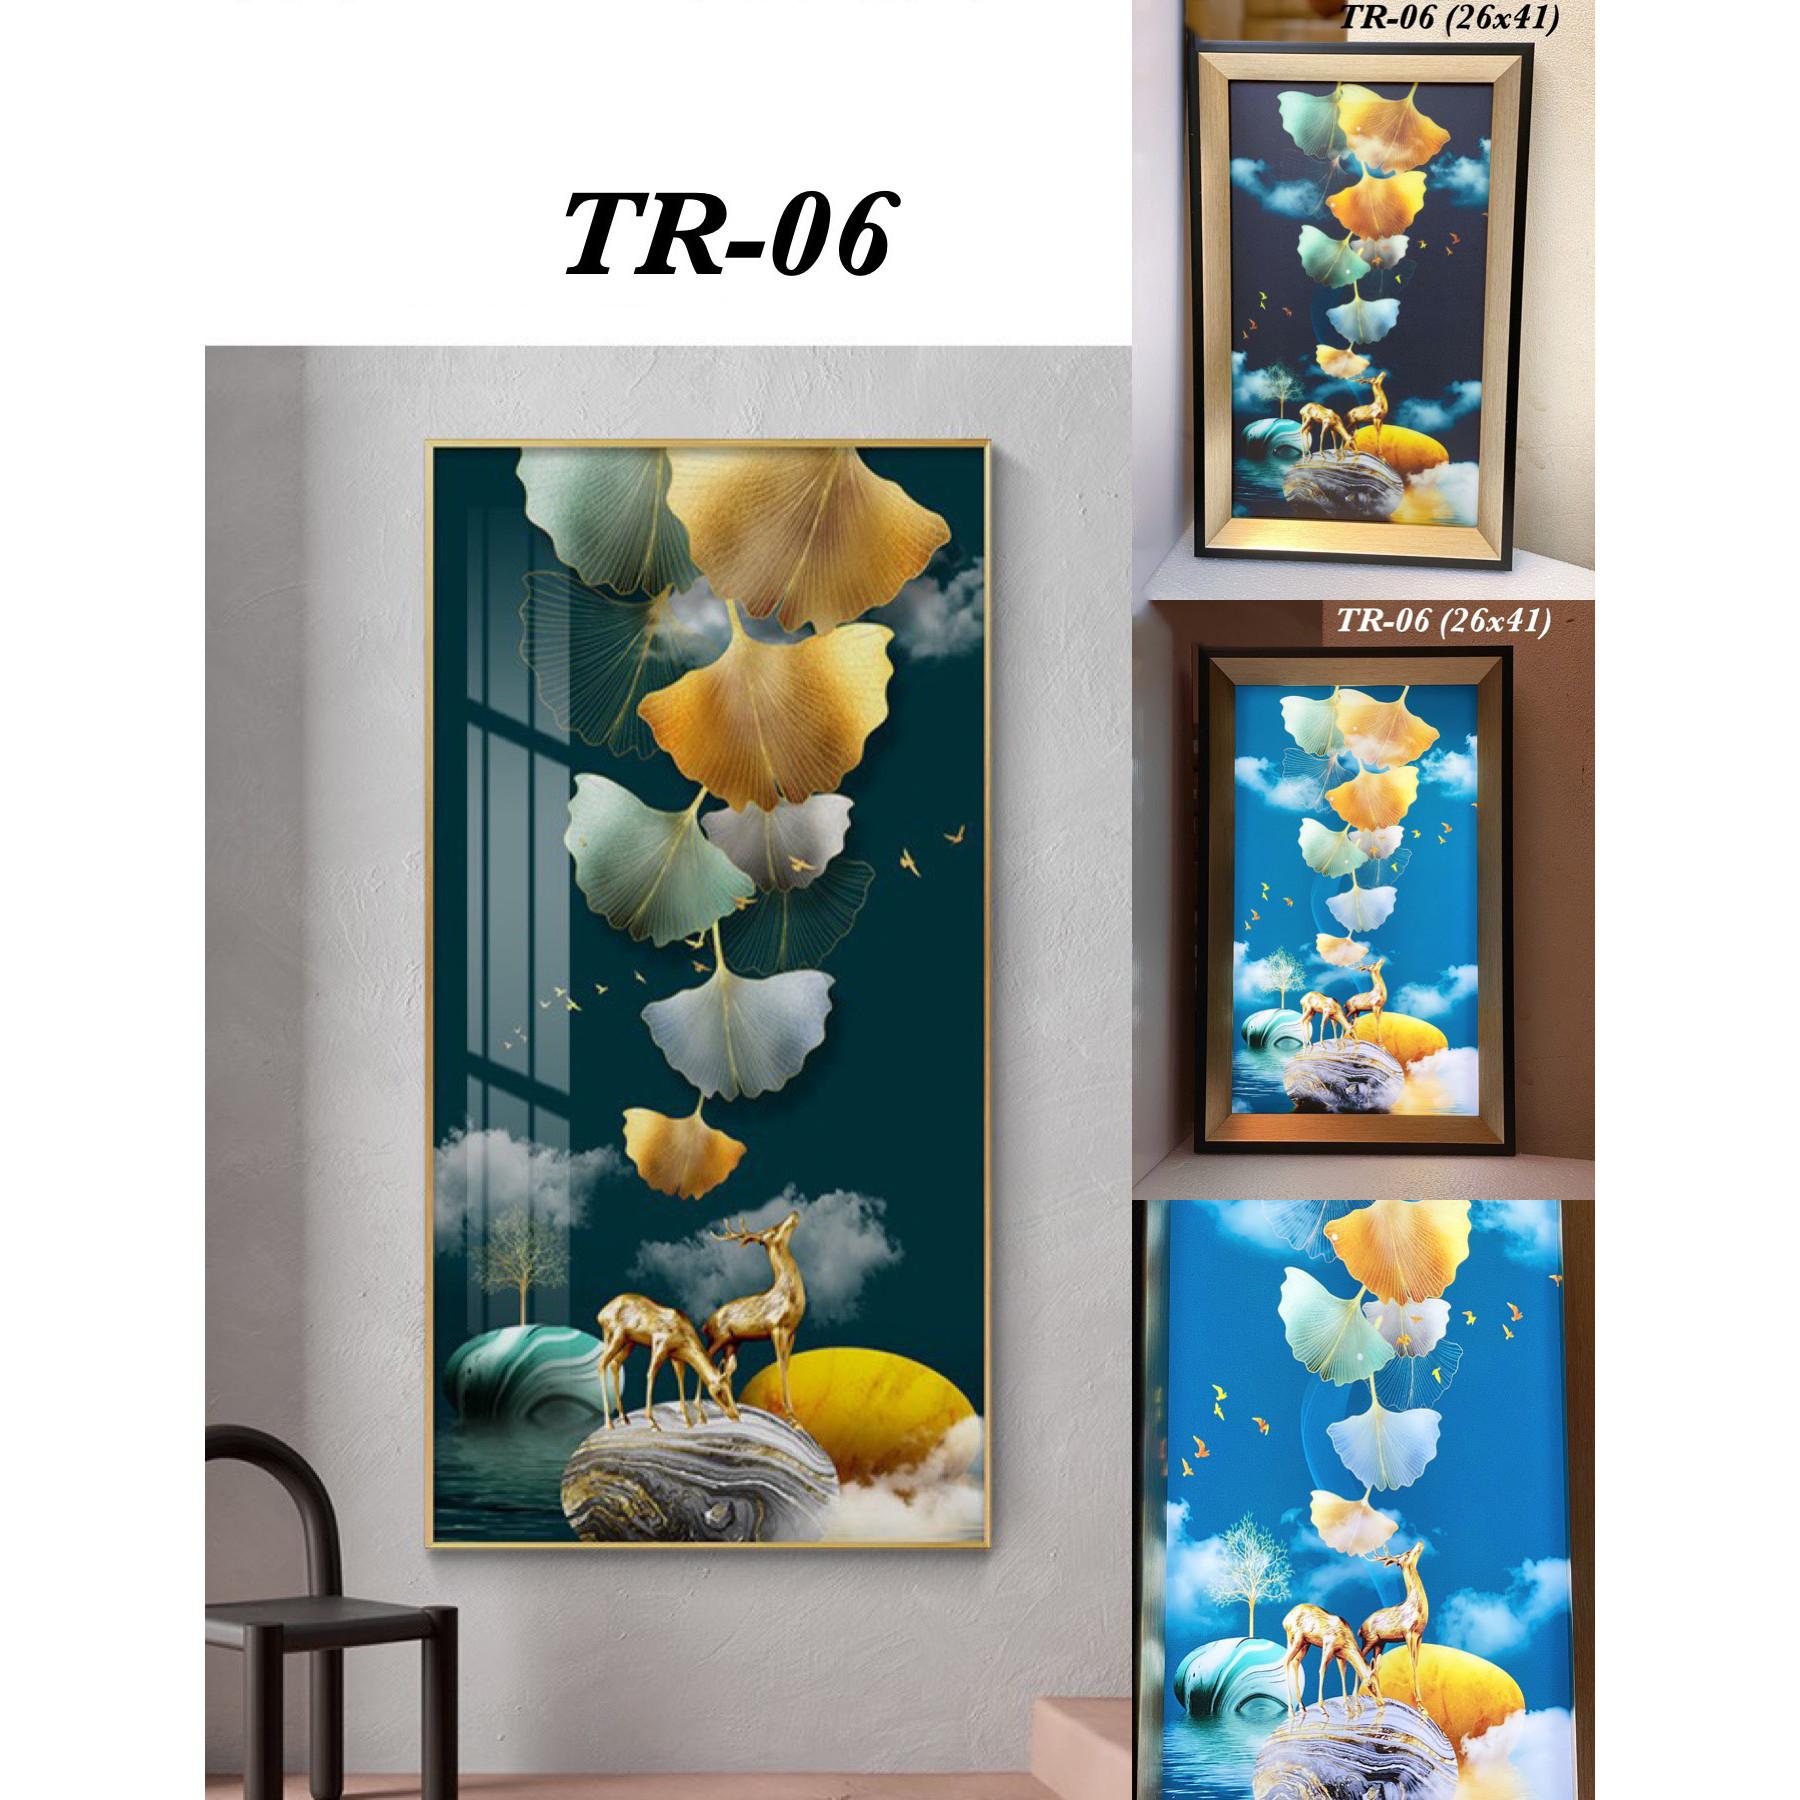 Tranh đèn LED nghệ thuật TR-06 kiểu dáng sang trọng tinh tế - 3 chế độ ánh sáng.